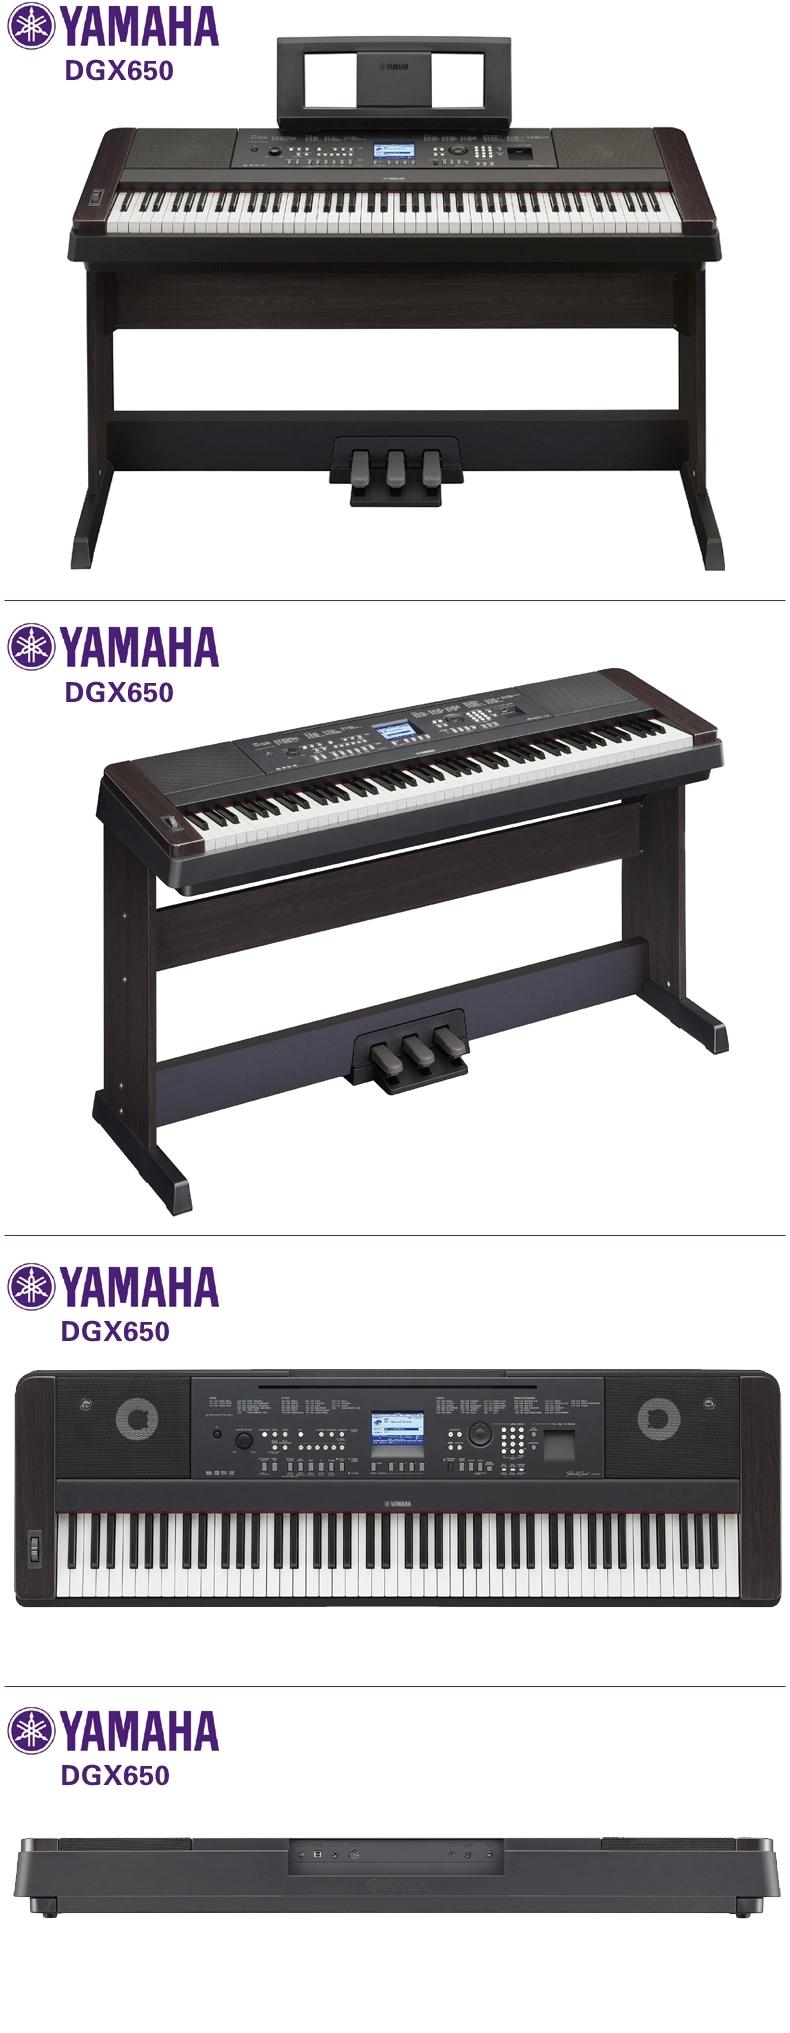 音色采样自雅马哈顶尖的CFIIIS音乐会三角钢琴,并配备了渐层式锤感标准(GHS)键盘。前置式的立体声扬声器系统,让更写实的音乐动态传达到您的耳膜。 雅马哈和世界著名音乐出版社有合作,可以根据受欢迎程度,编配专业的伴奏曲,让你演奏自己喜爱艺人的歌曲。内置的教学组件Y.